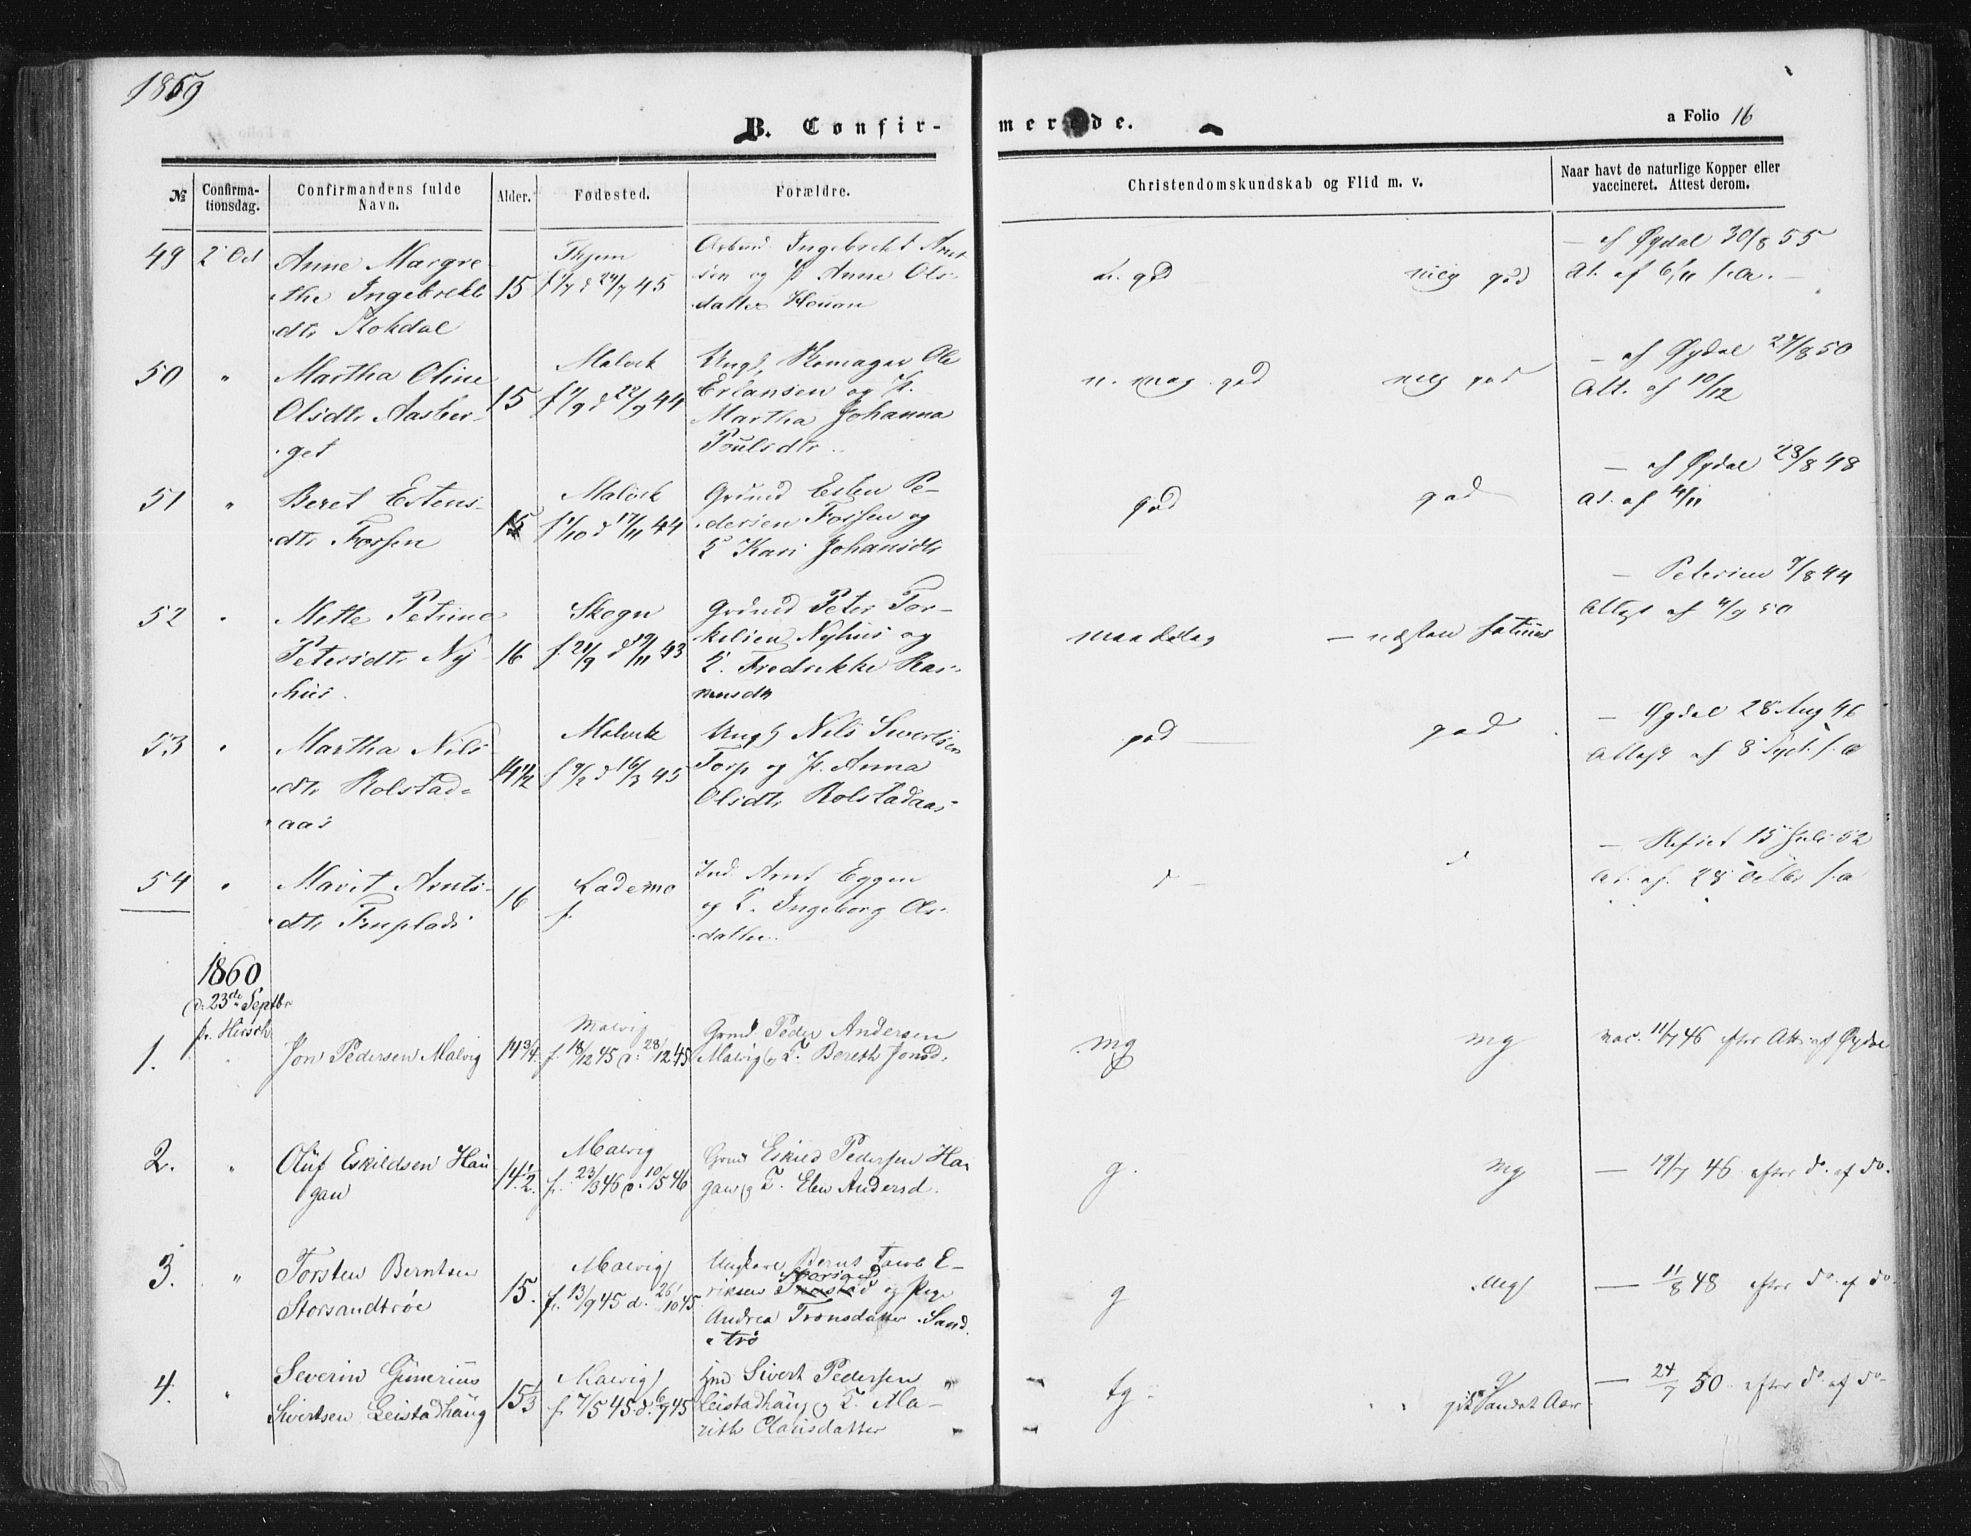 SAT, Ministerialprotokoller, klokkerbøker og fødselsregistre - Sør-Trøndelag, 616/L0408: Ministerialbok nr. 616A05, 1857-1865, s. 16